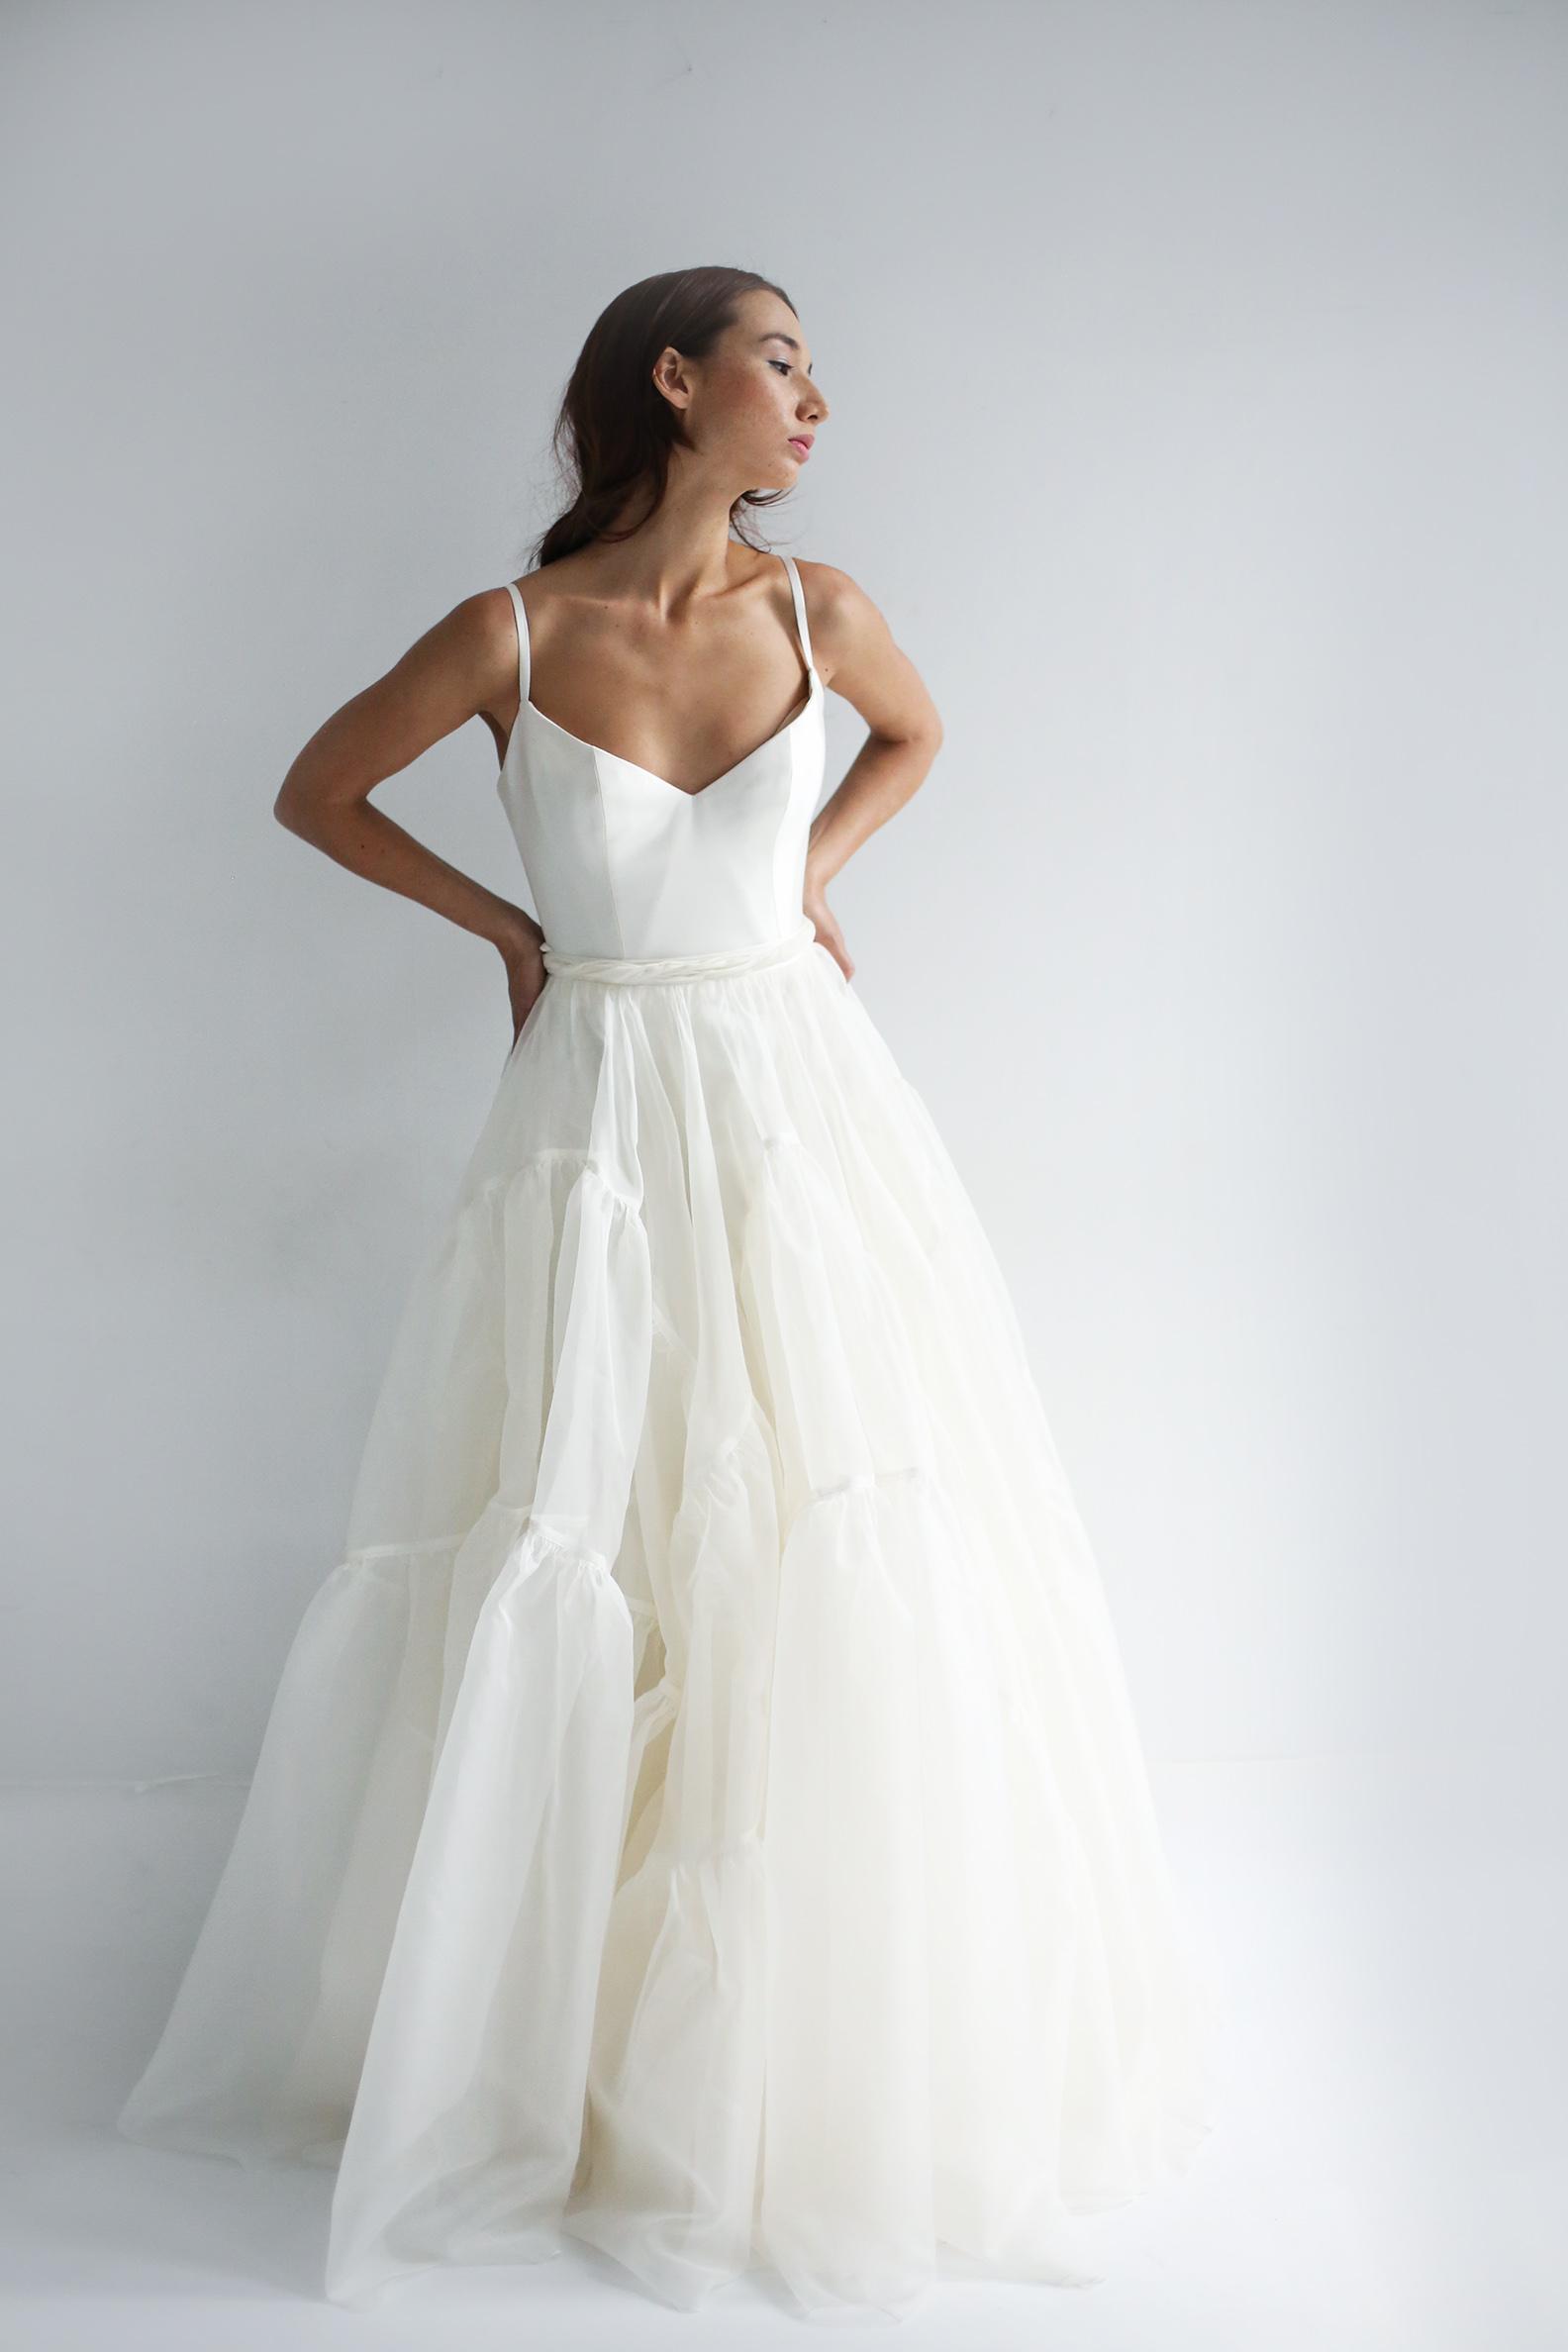 leanne-marshall-bridal-23.jpg